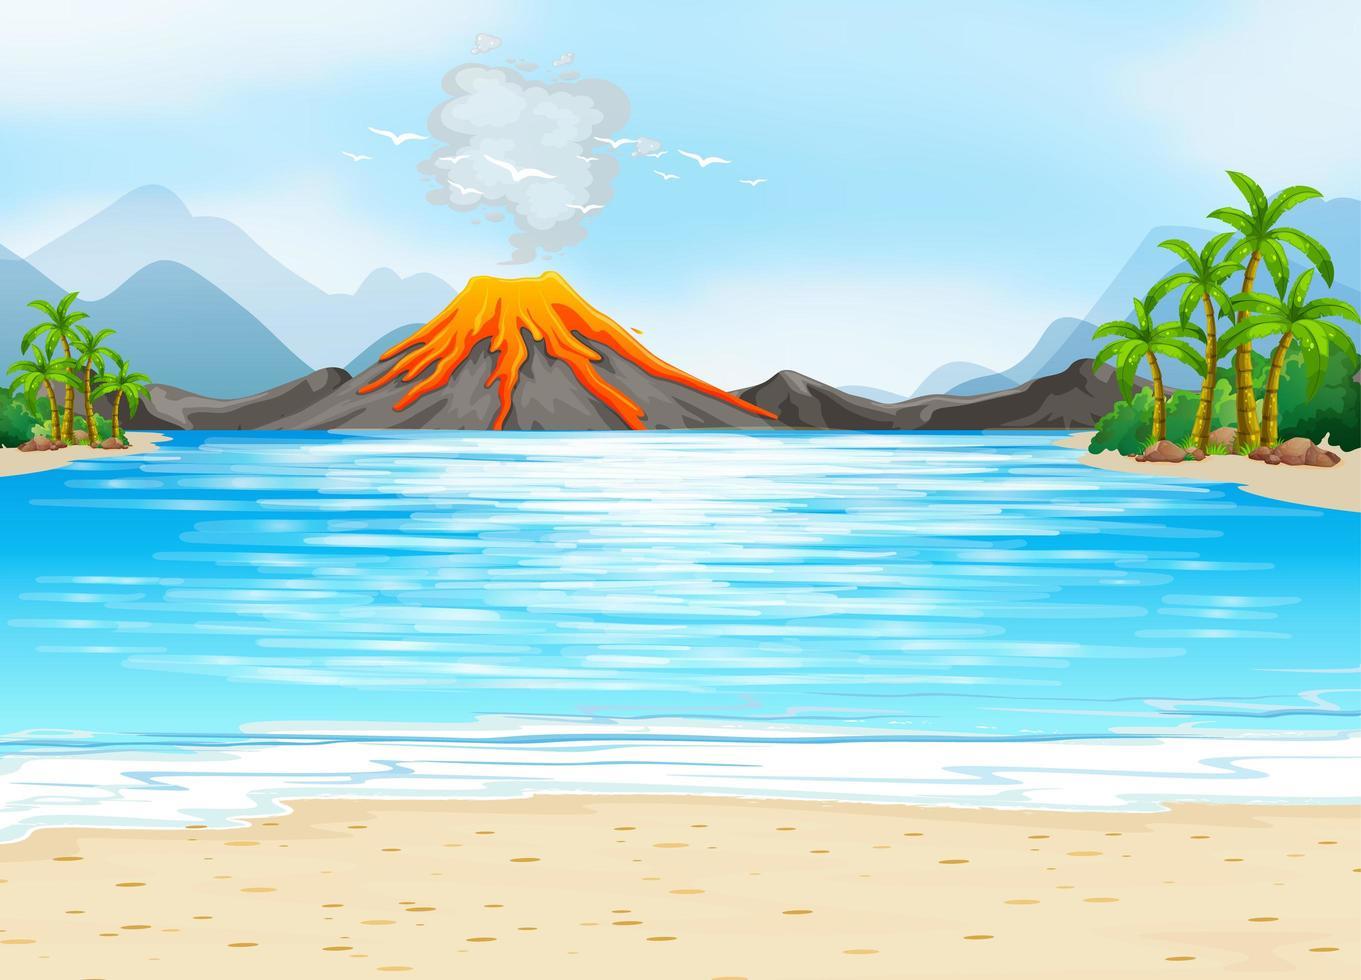 fond de scène extérieure éruption volcanique vecteur